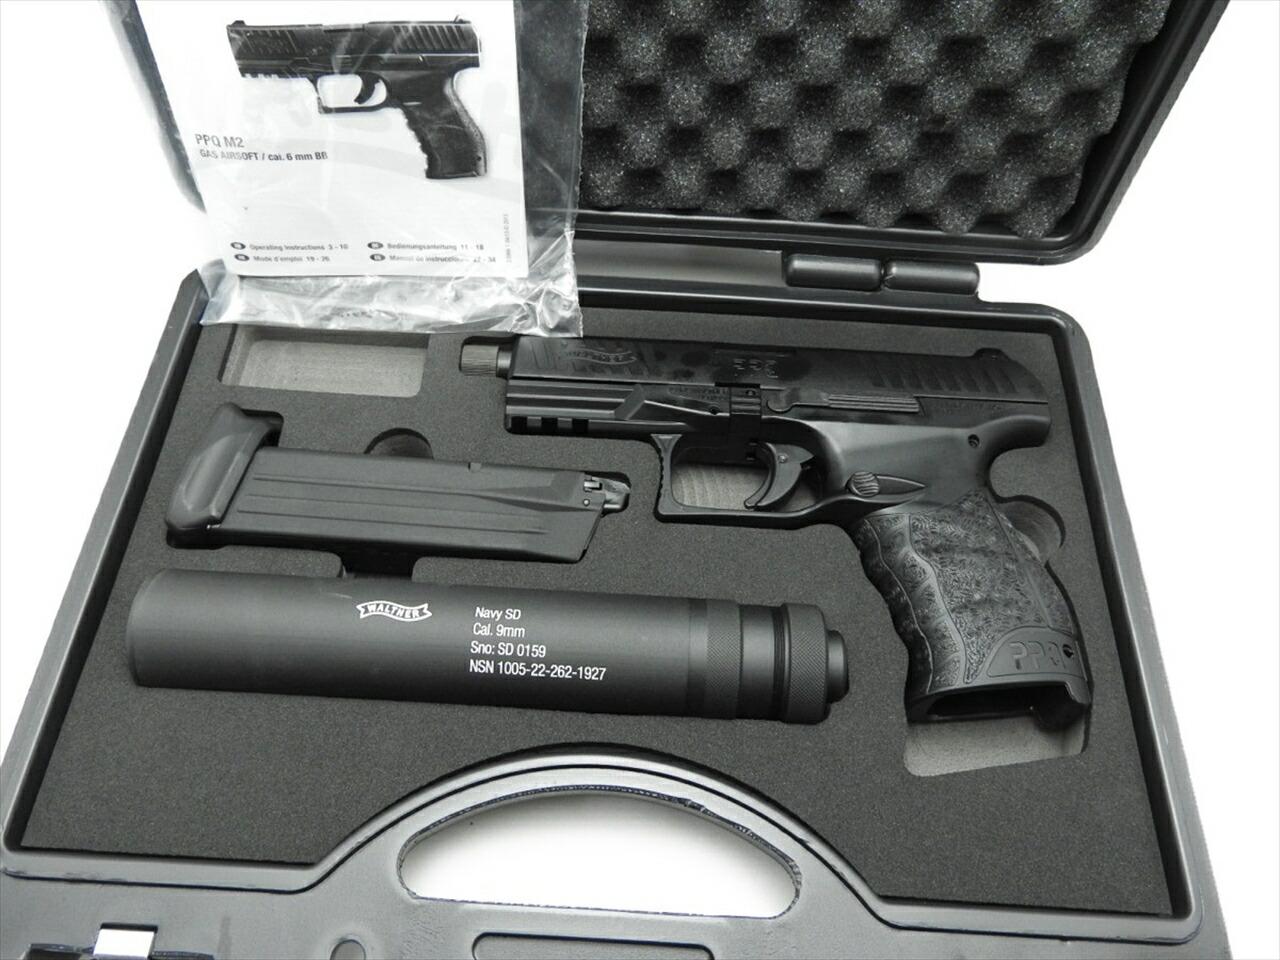 ワルサー PPQ M2 ウマレックス GBB ガスガン ハンドガン NAVY Umarex Walther サプレッサー ガンケース付 ブラック 新品